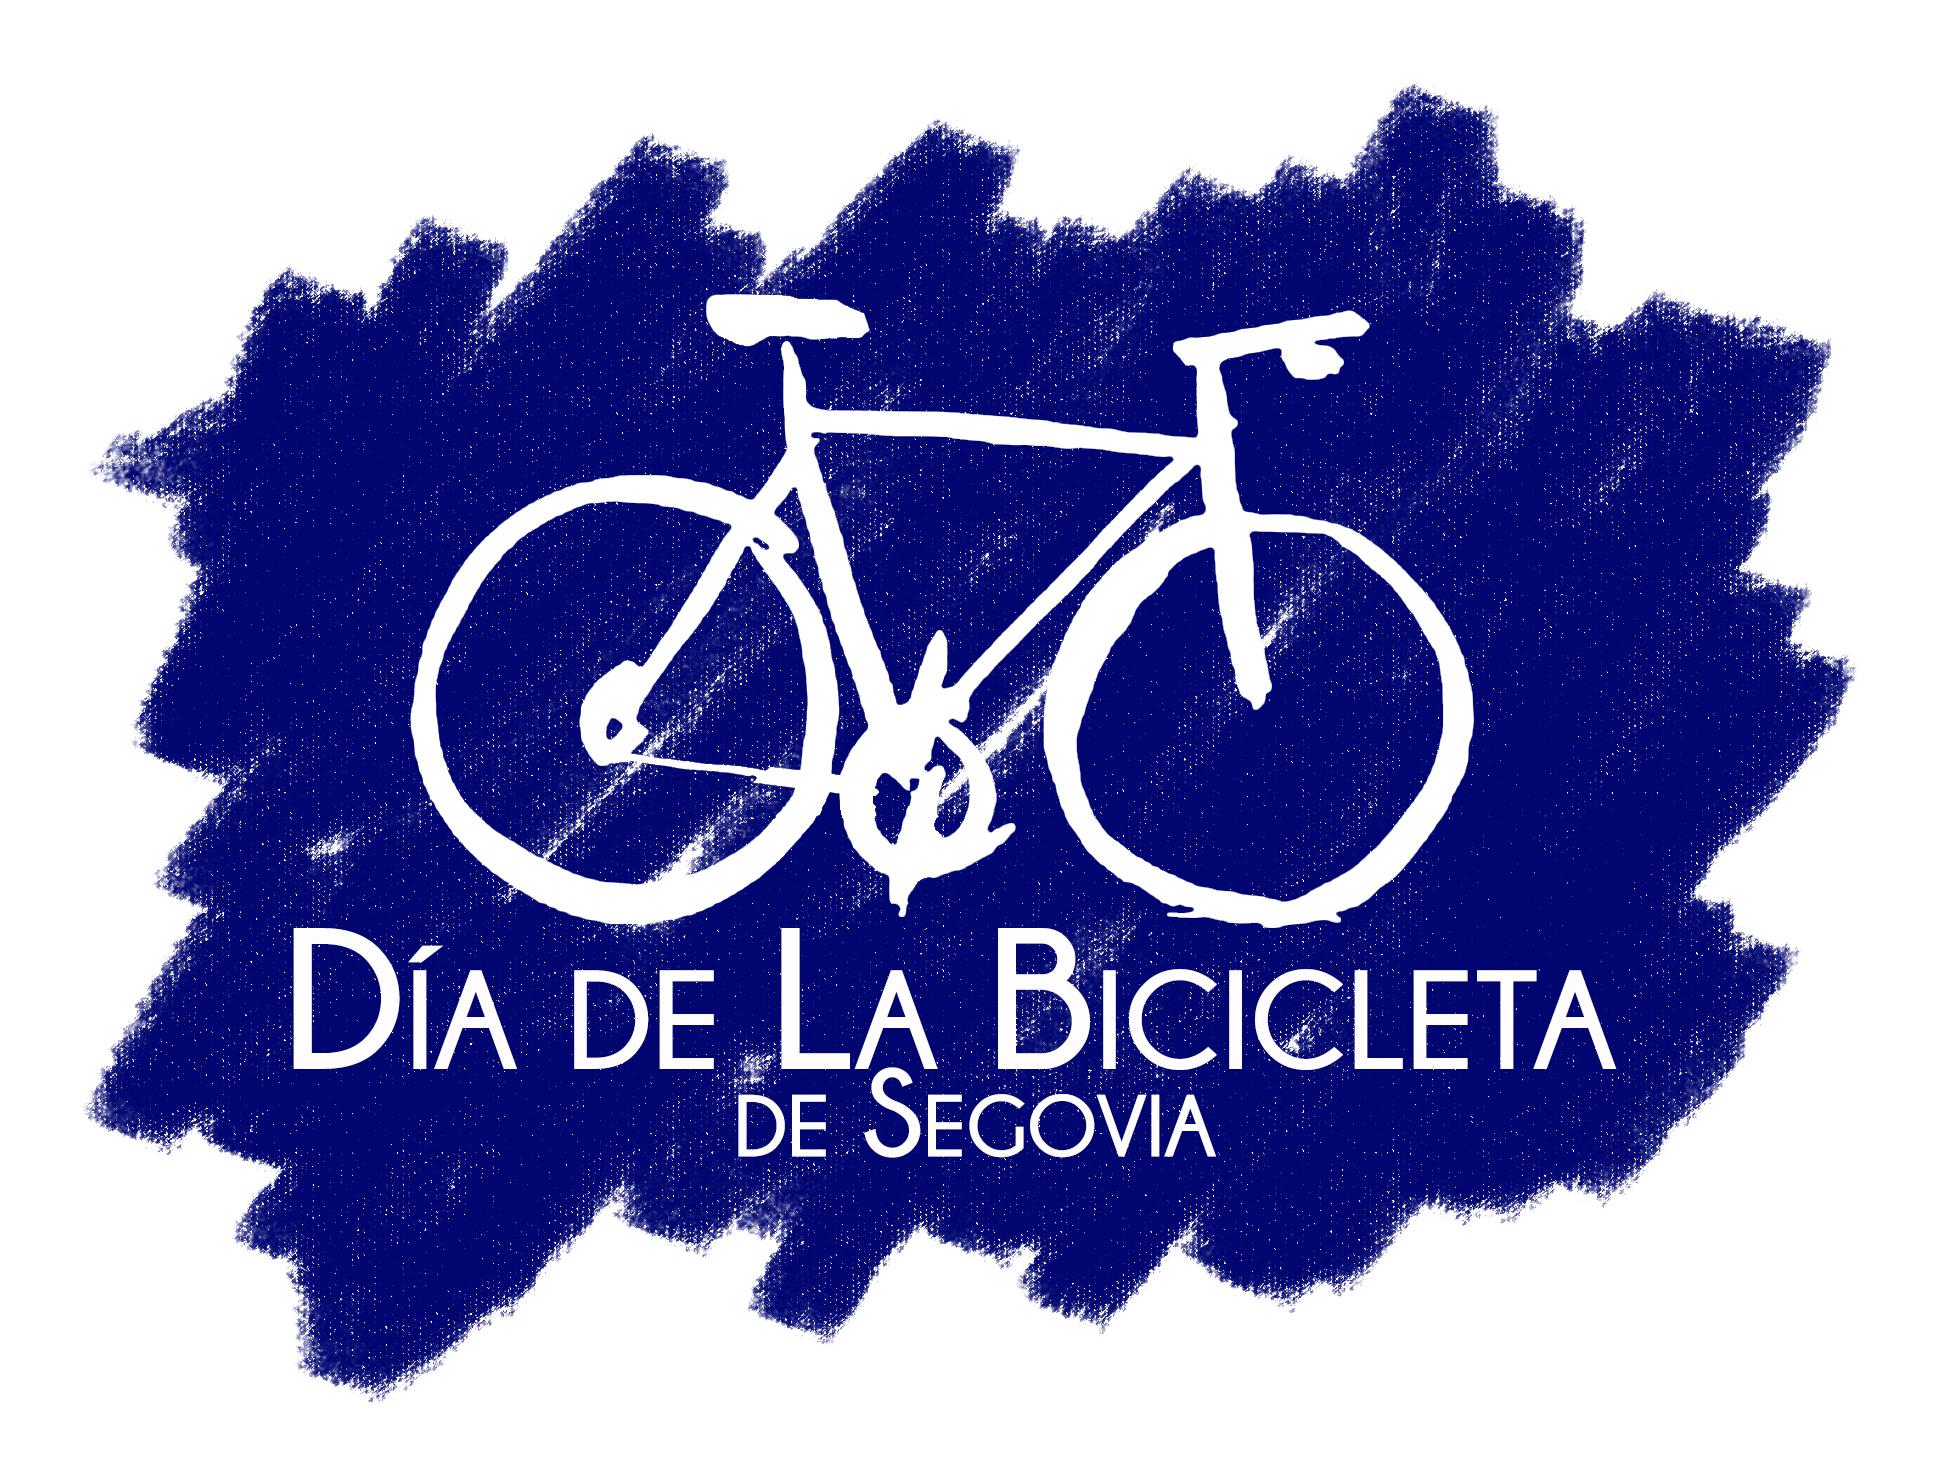 imagen gráfica día de la bicicleta